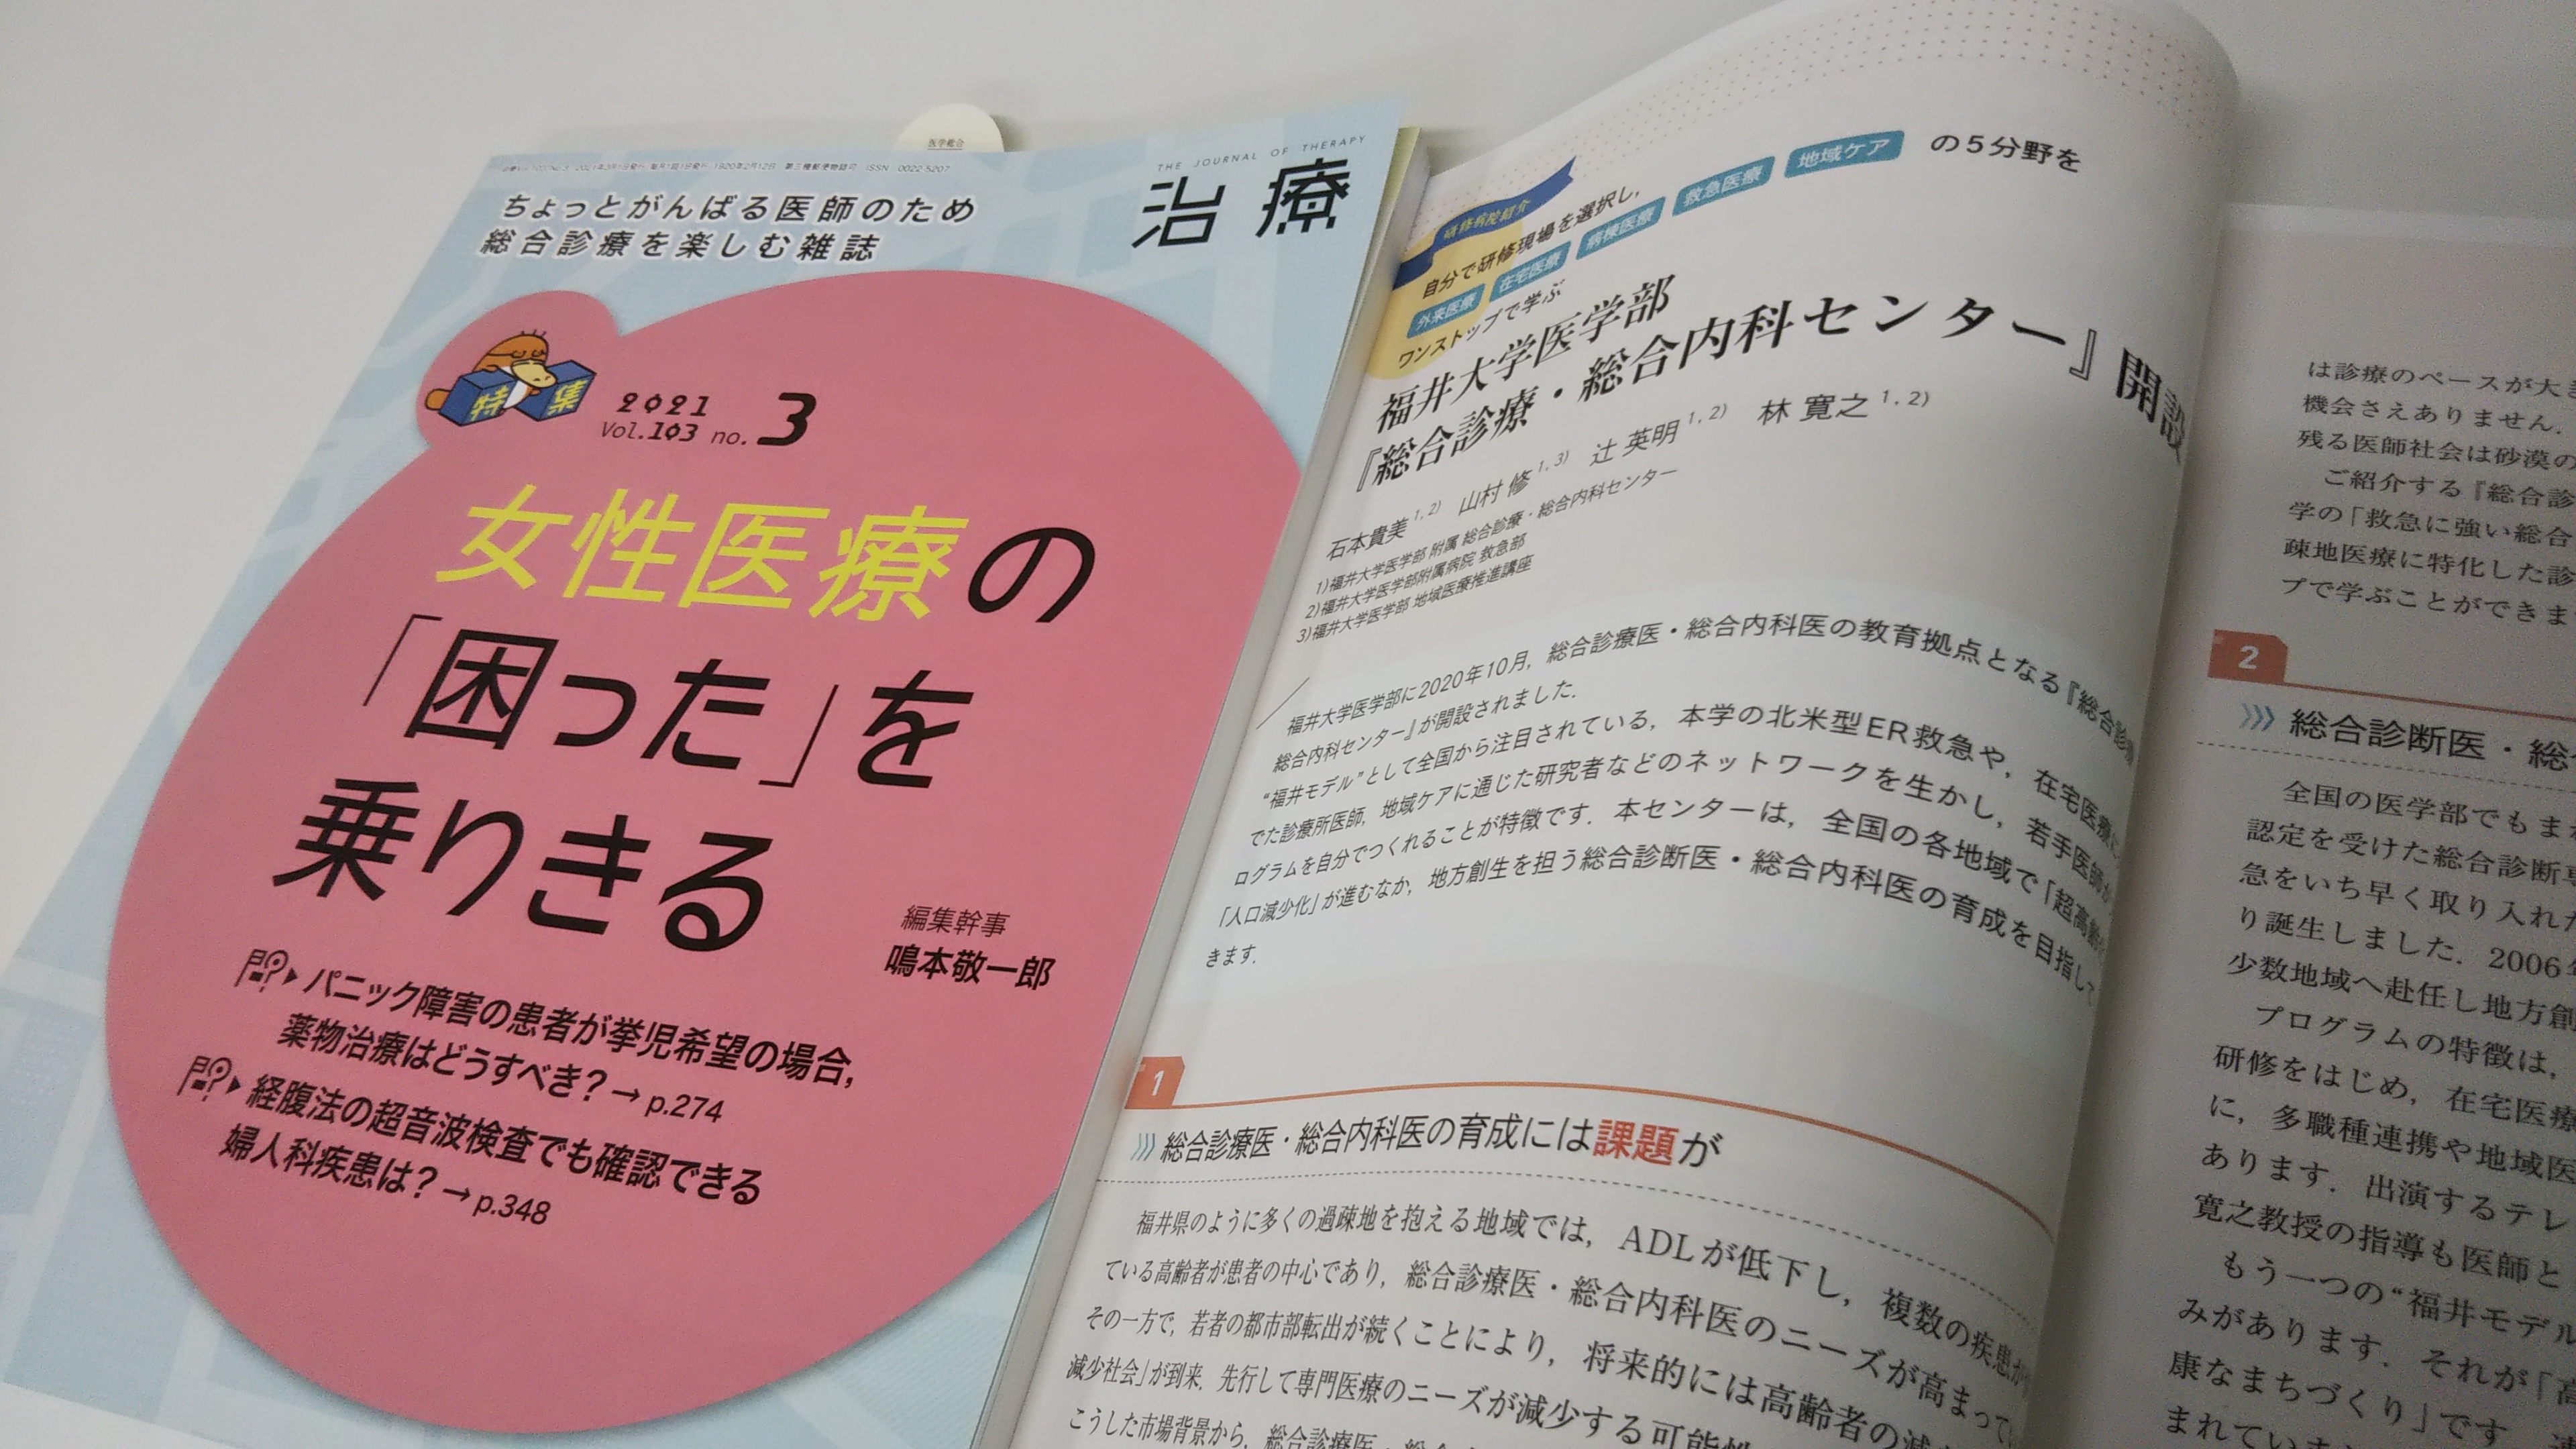 総合診療雑誌「治療」最新号にGGGセンターが紹介されました!